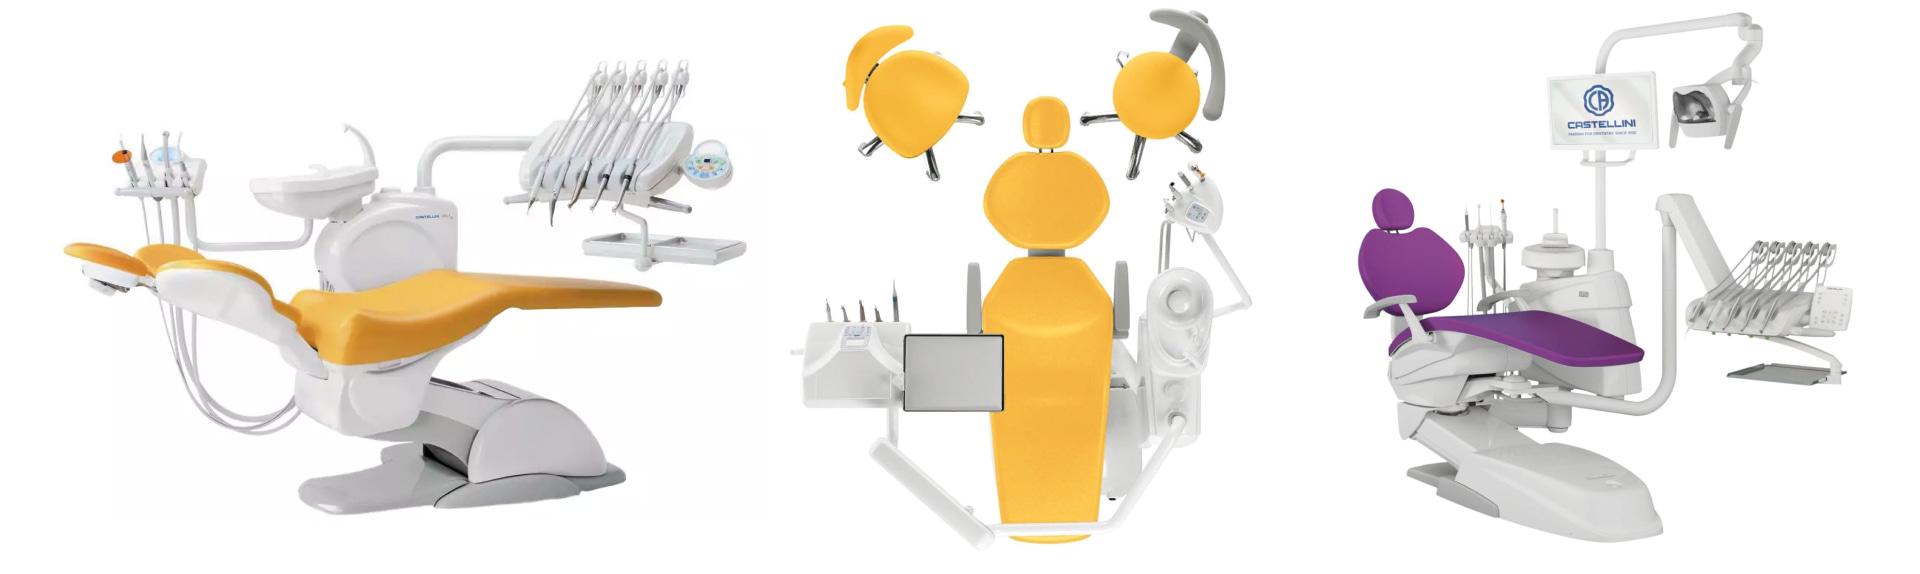 Итальянаская стоматологическая установка премиум класса Puma Eli R